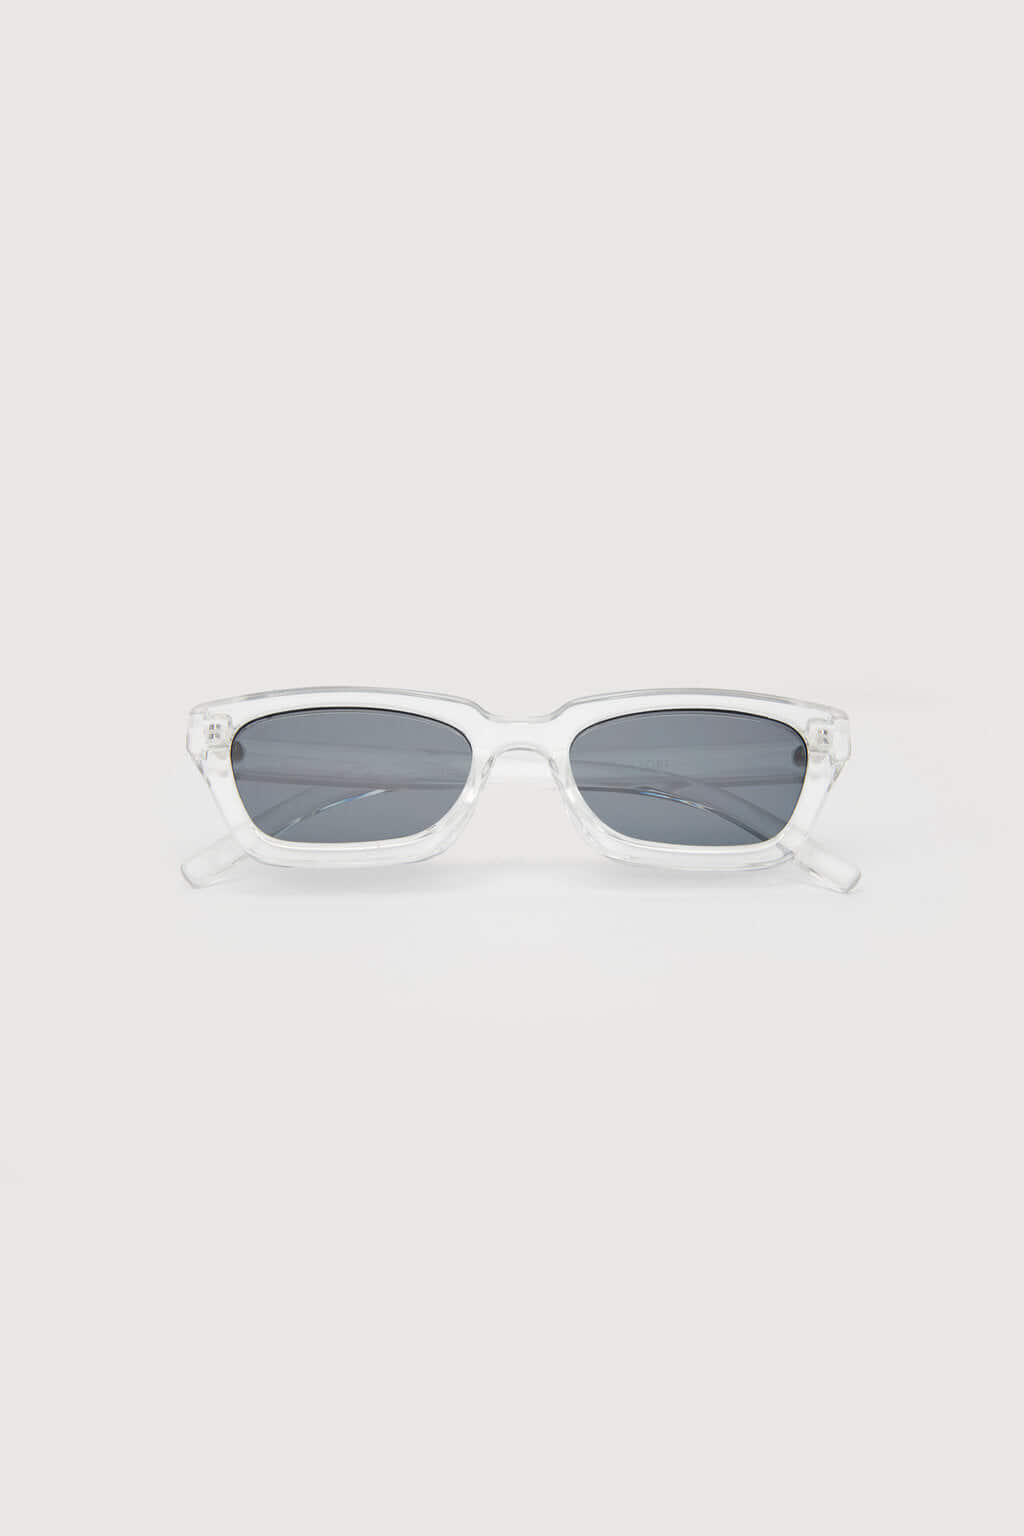 Sunglass 3366 Clear 6